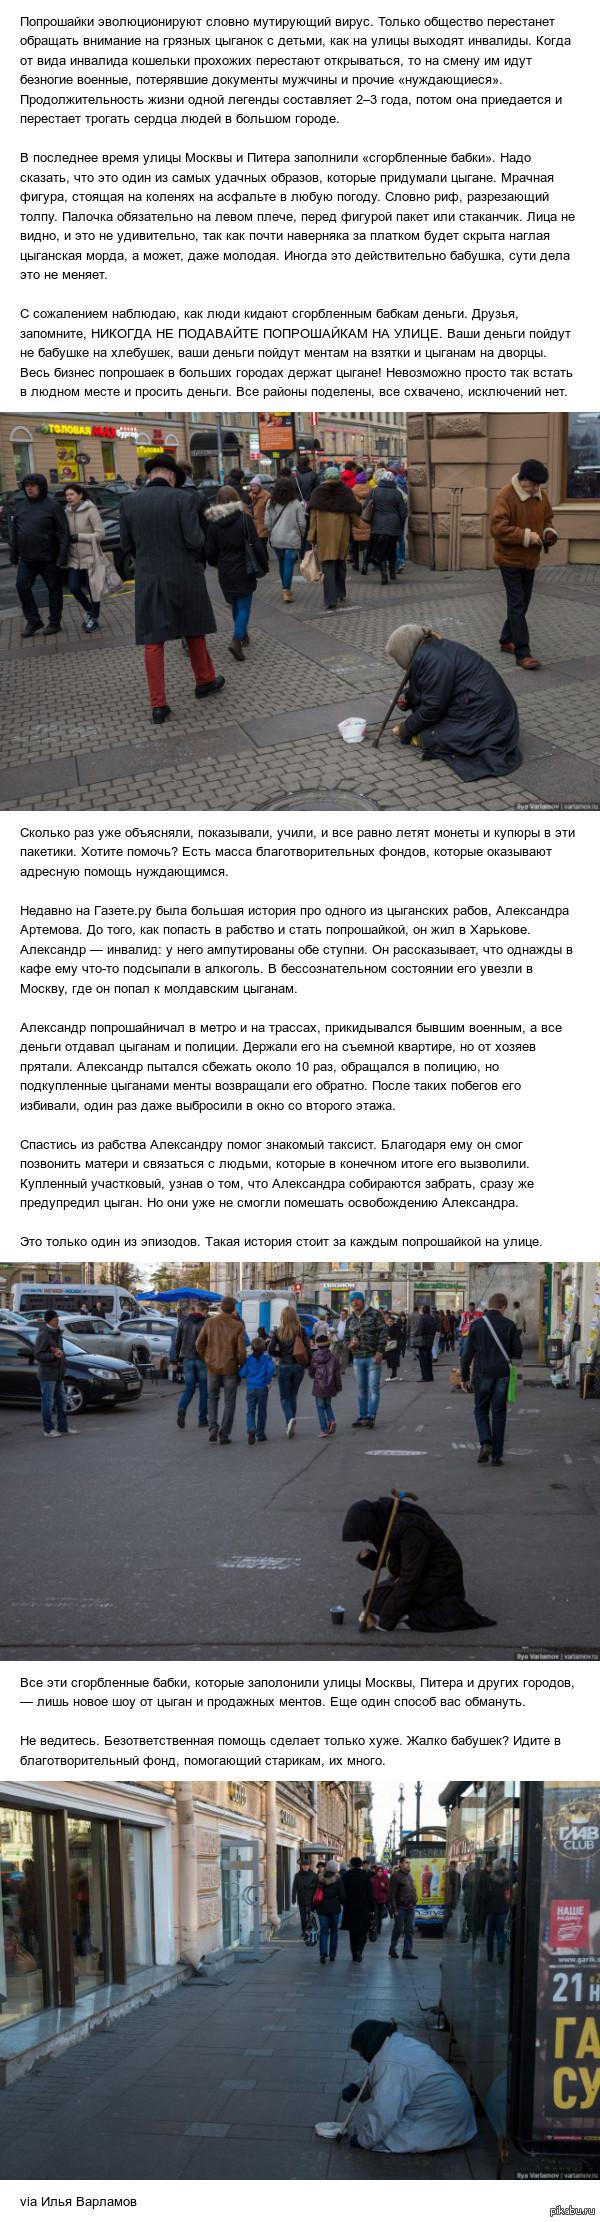 molodaya-studentka-oplatila-za-taksi-naturoy-katarina-smotret-onlayn-porno